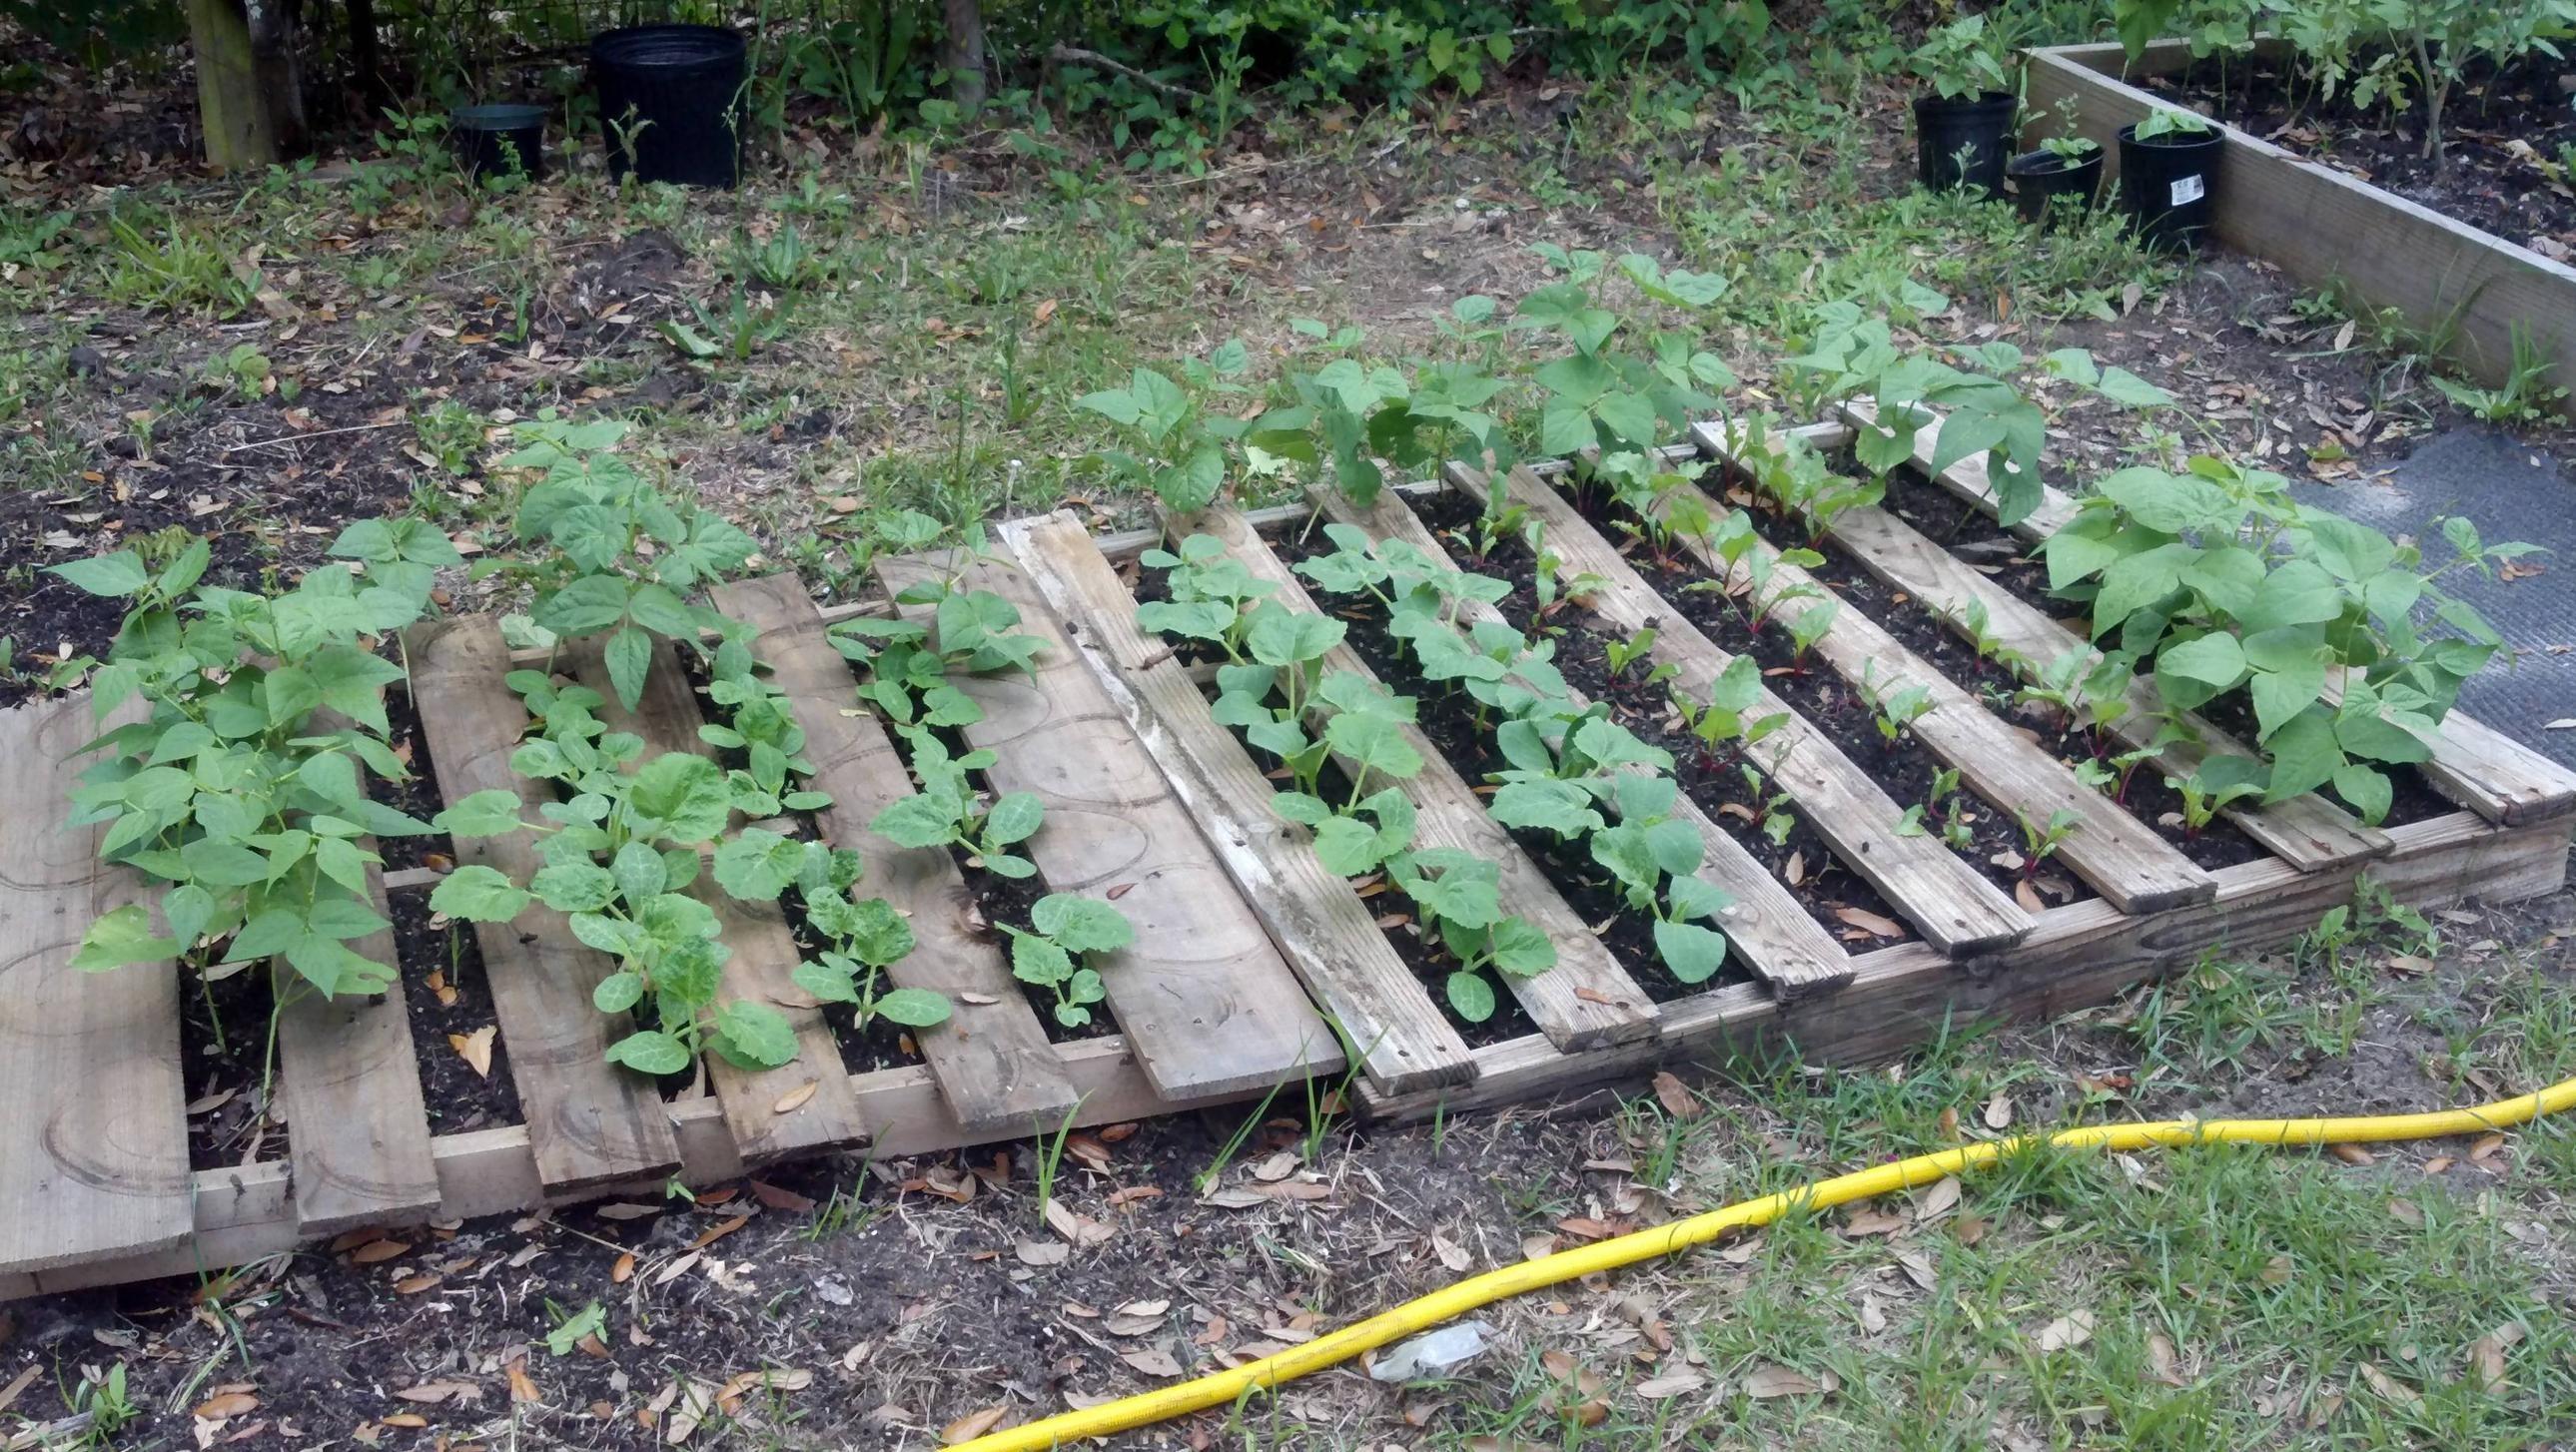 Pallet garden is doing well